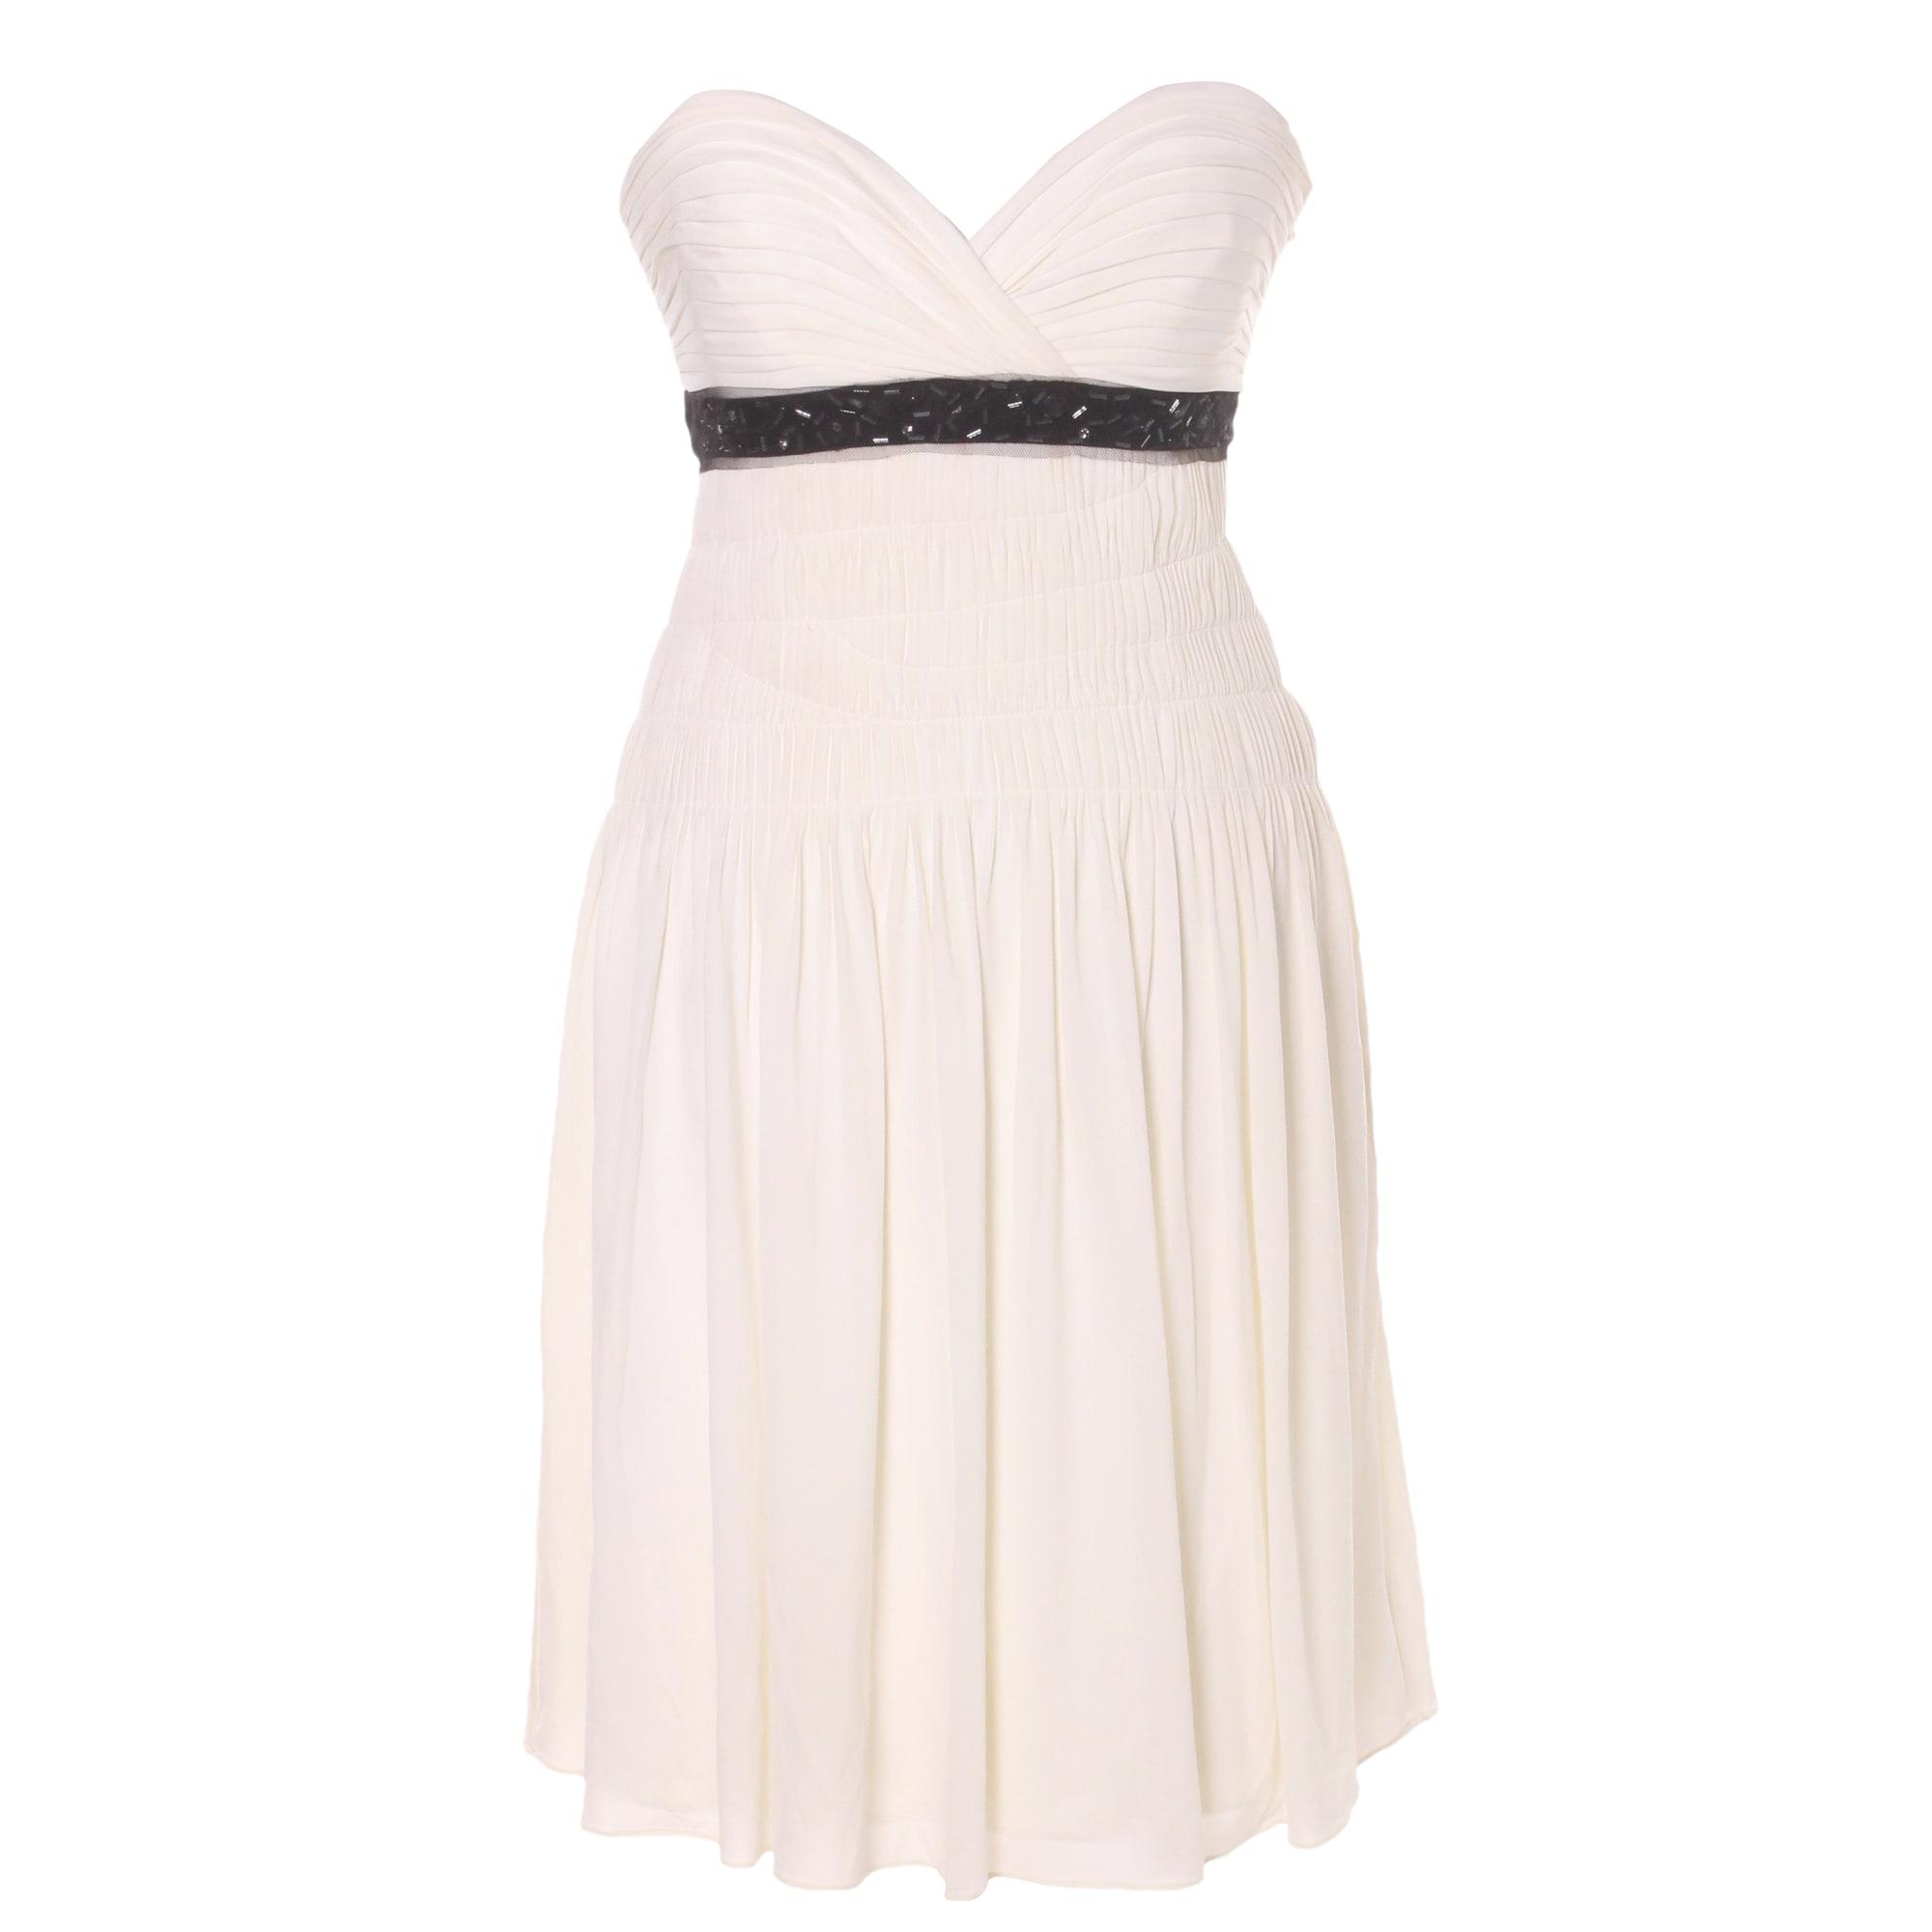 Corset Dress BCBG MAX AZRIA 34 (XS, T0) white - 7828044